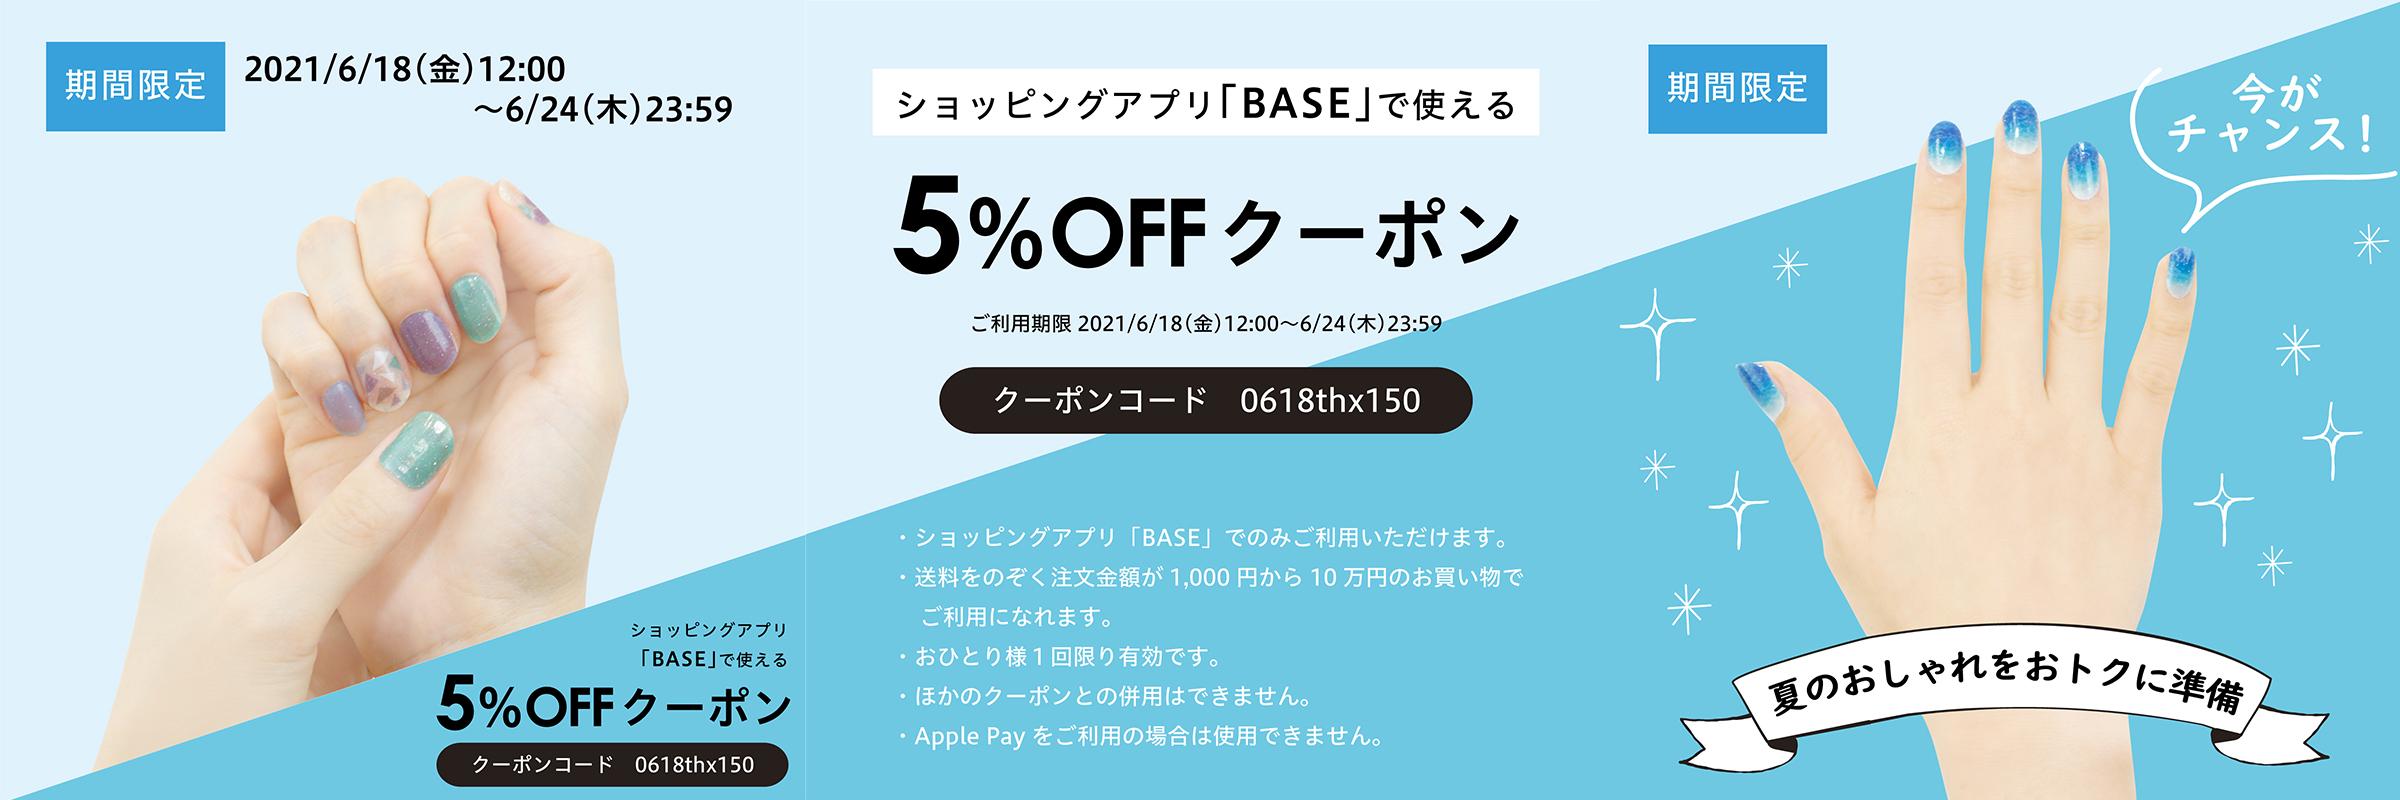 【6/18 12:00~期間限定】ショッピングアプリ「BASE」で使える5%OFFクーポン配布中